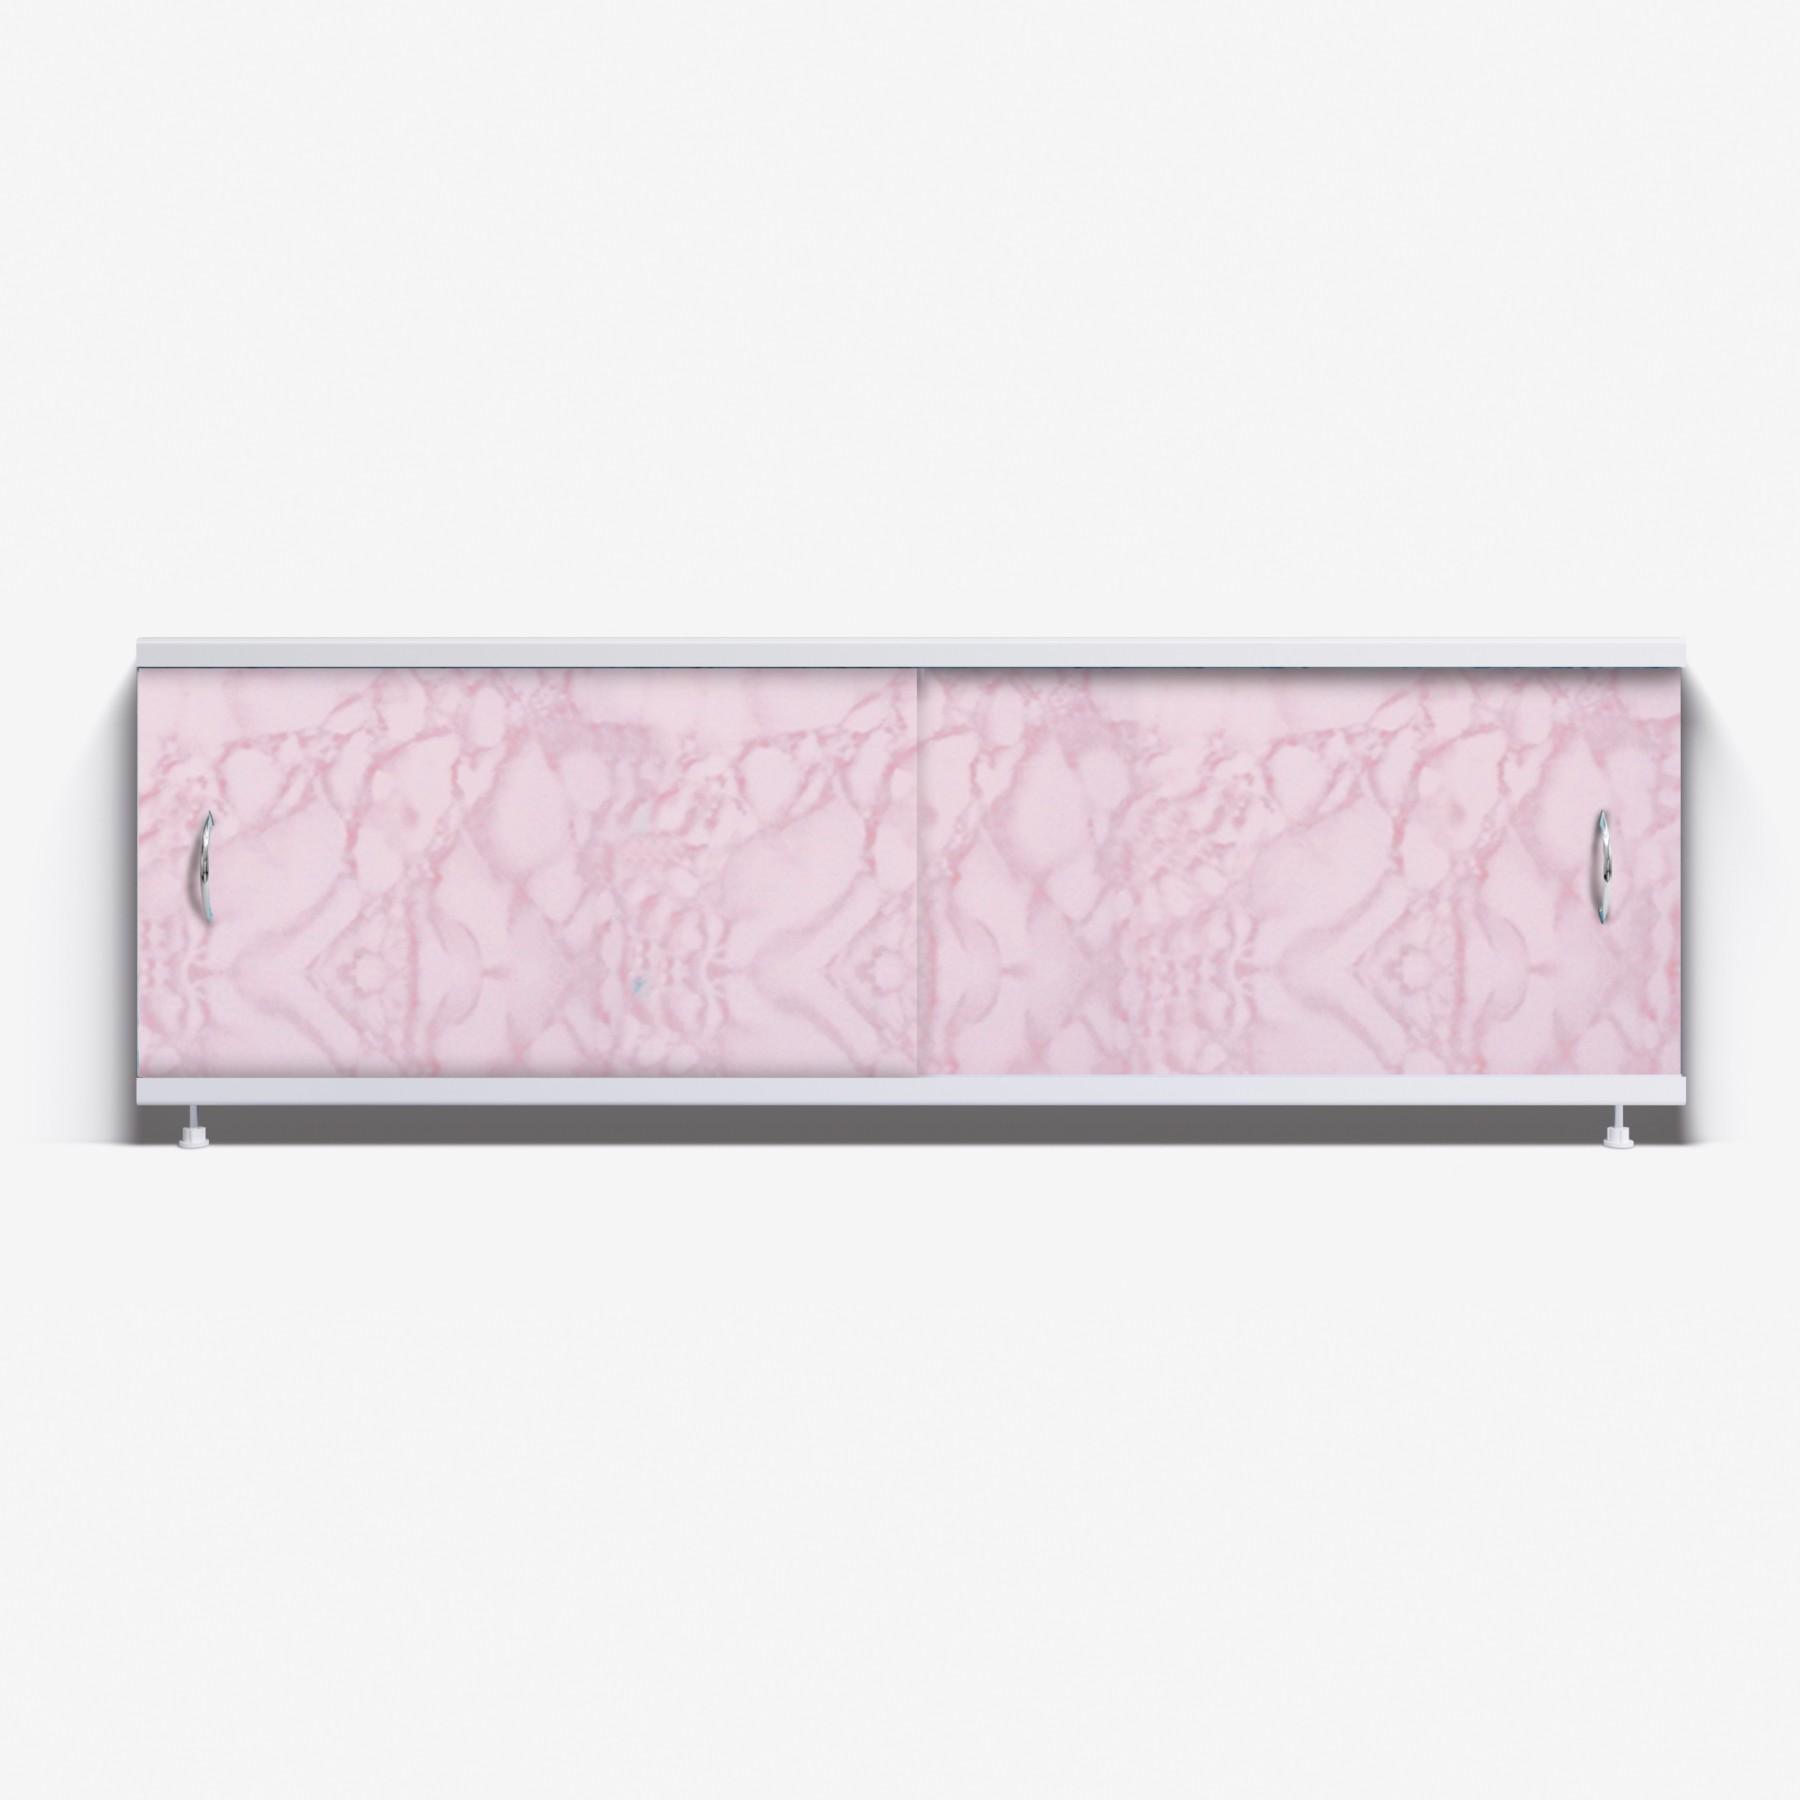 Экран под ванну Классик 170 розовый закат